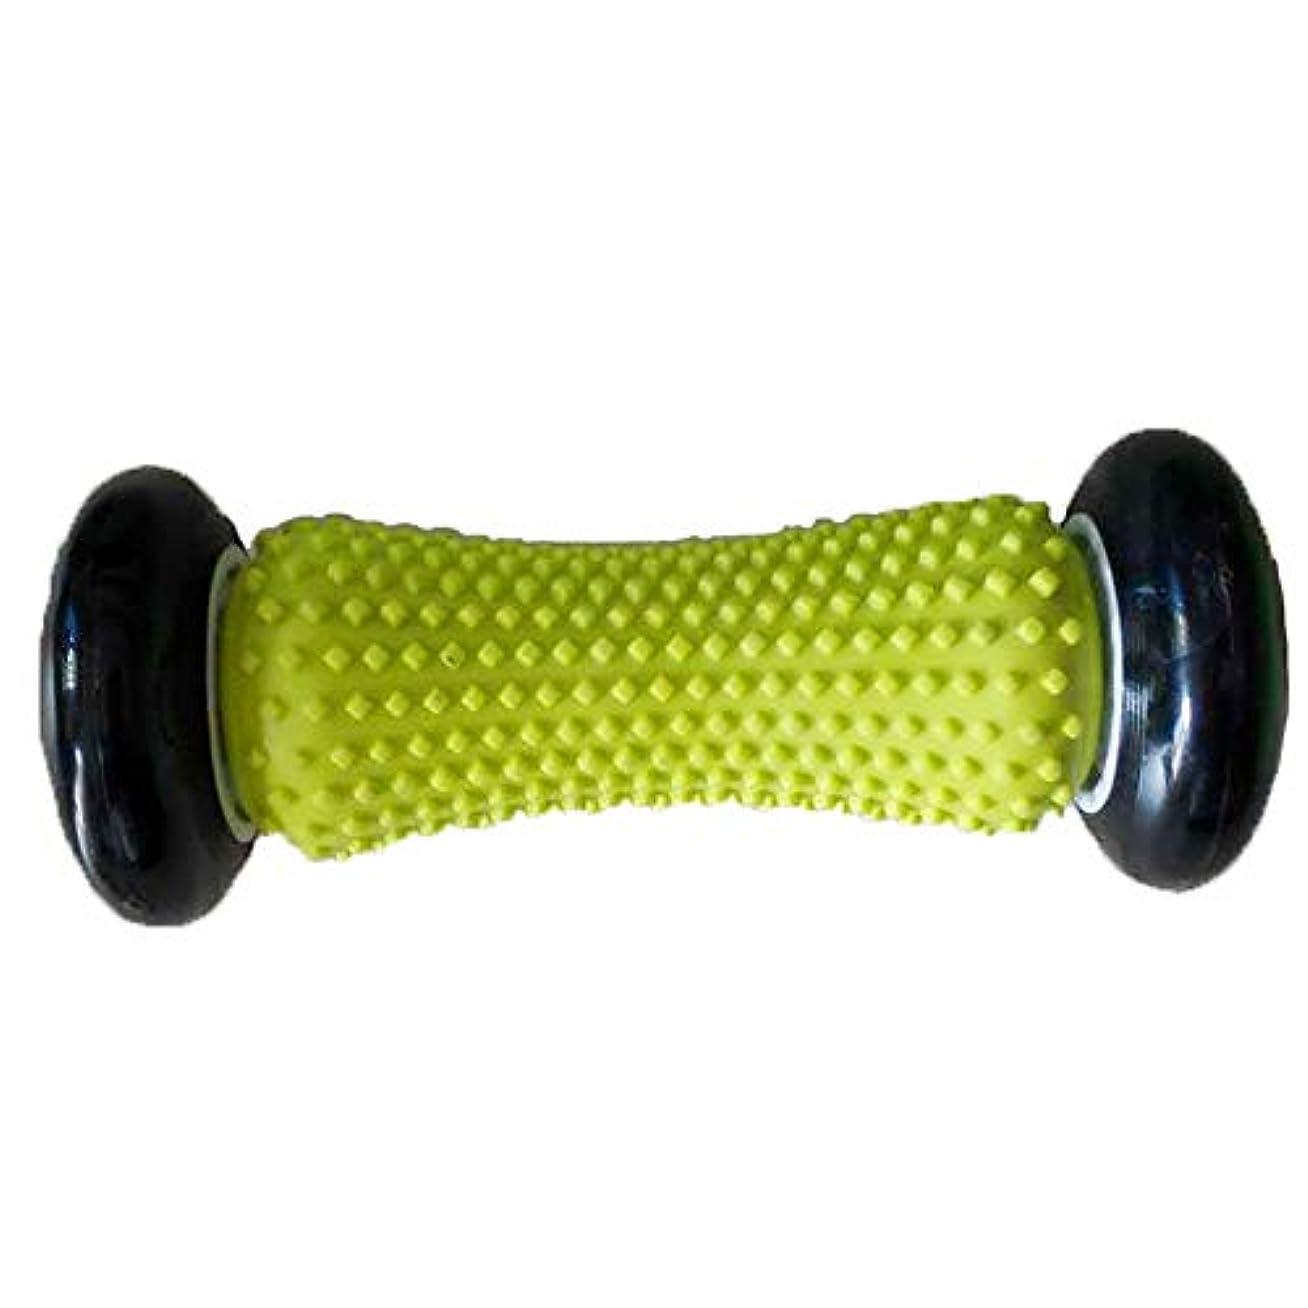 たぶんバーゲンそう足のマッサージローラー足の痛み緩和マッサージ、またはリリーフ足の筋膜炎、リラックスフットバックレッグハンドタイトマッスル,Black